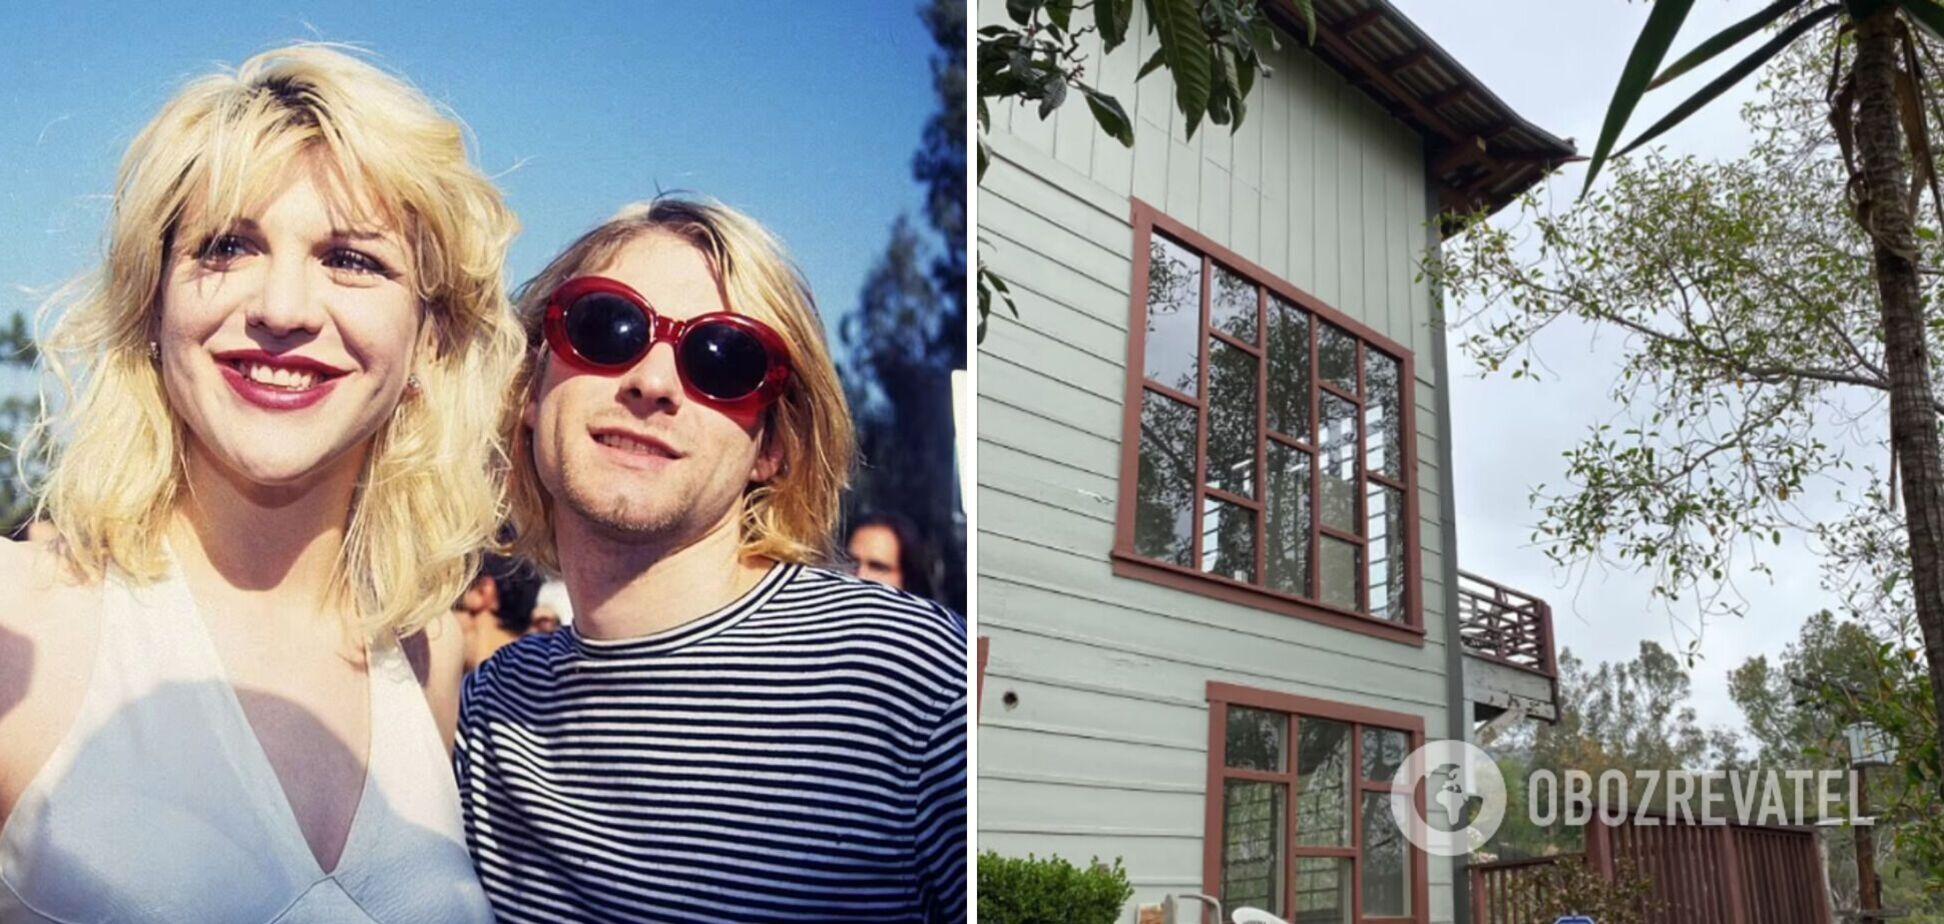 Покинутий будинок Курта Кобейна і Кортні Лав продають майже за $1 млн